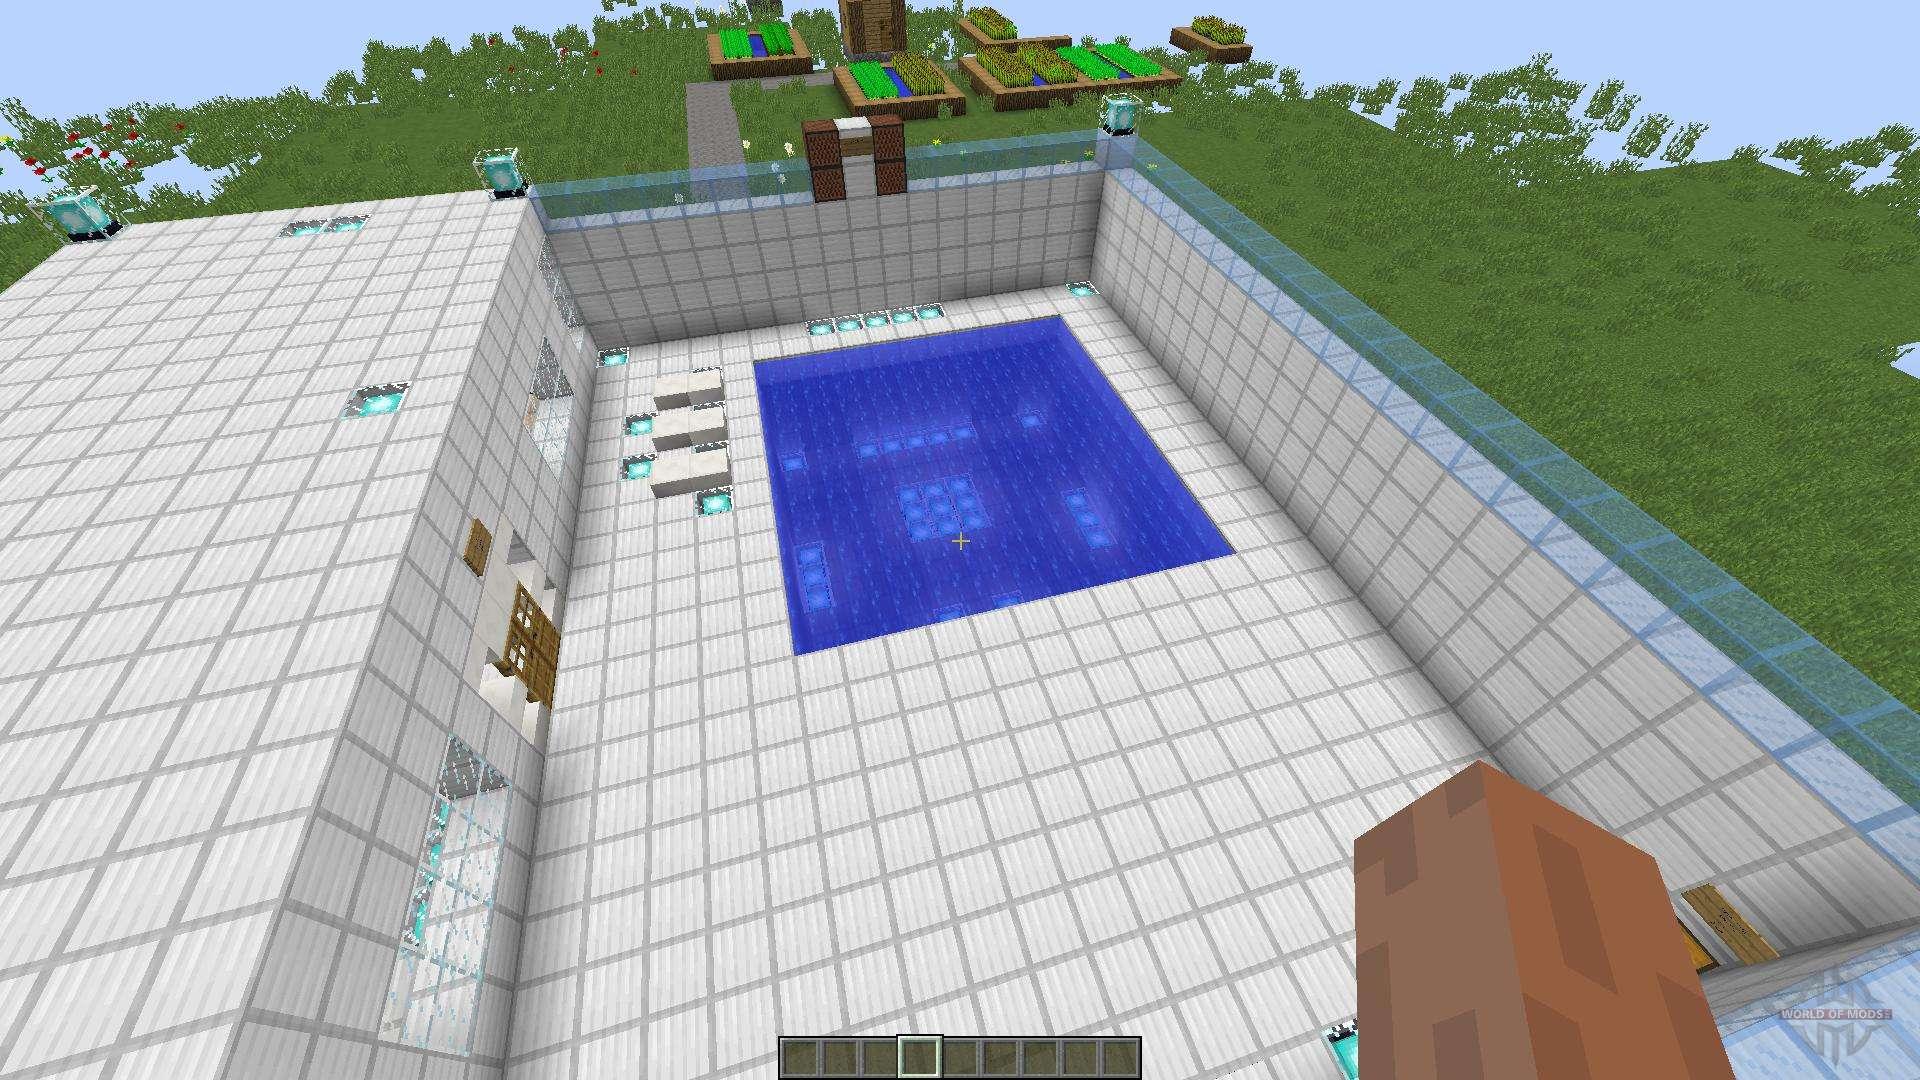 разделе картинки как построить бассейн в майнкрафте предлагаем как классическое